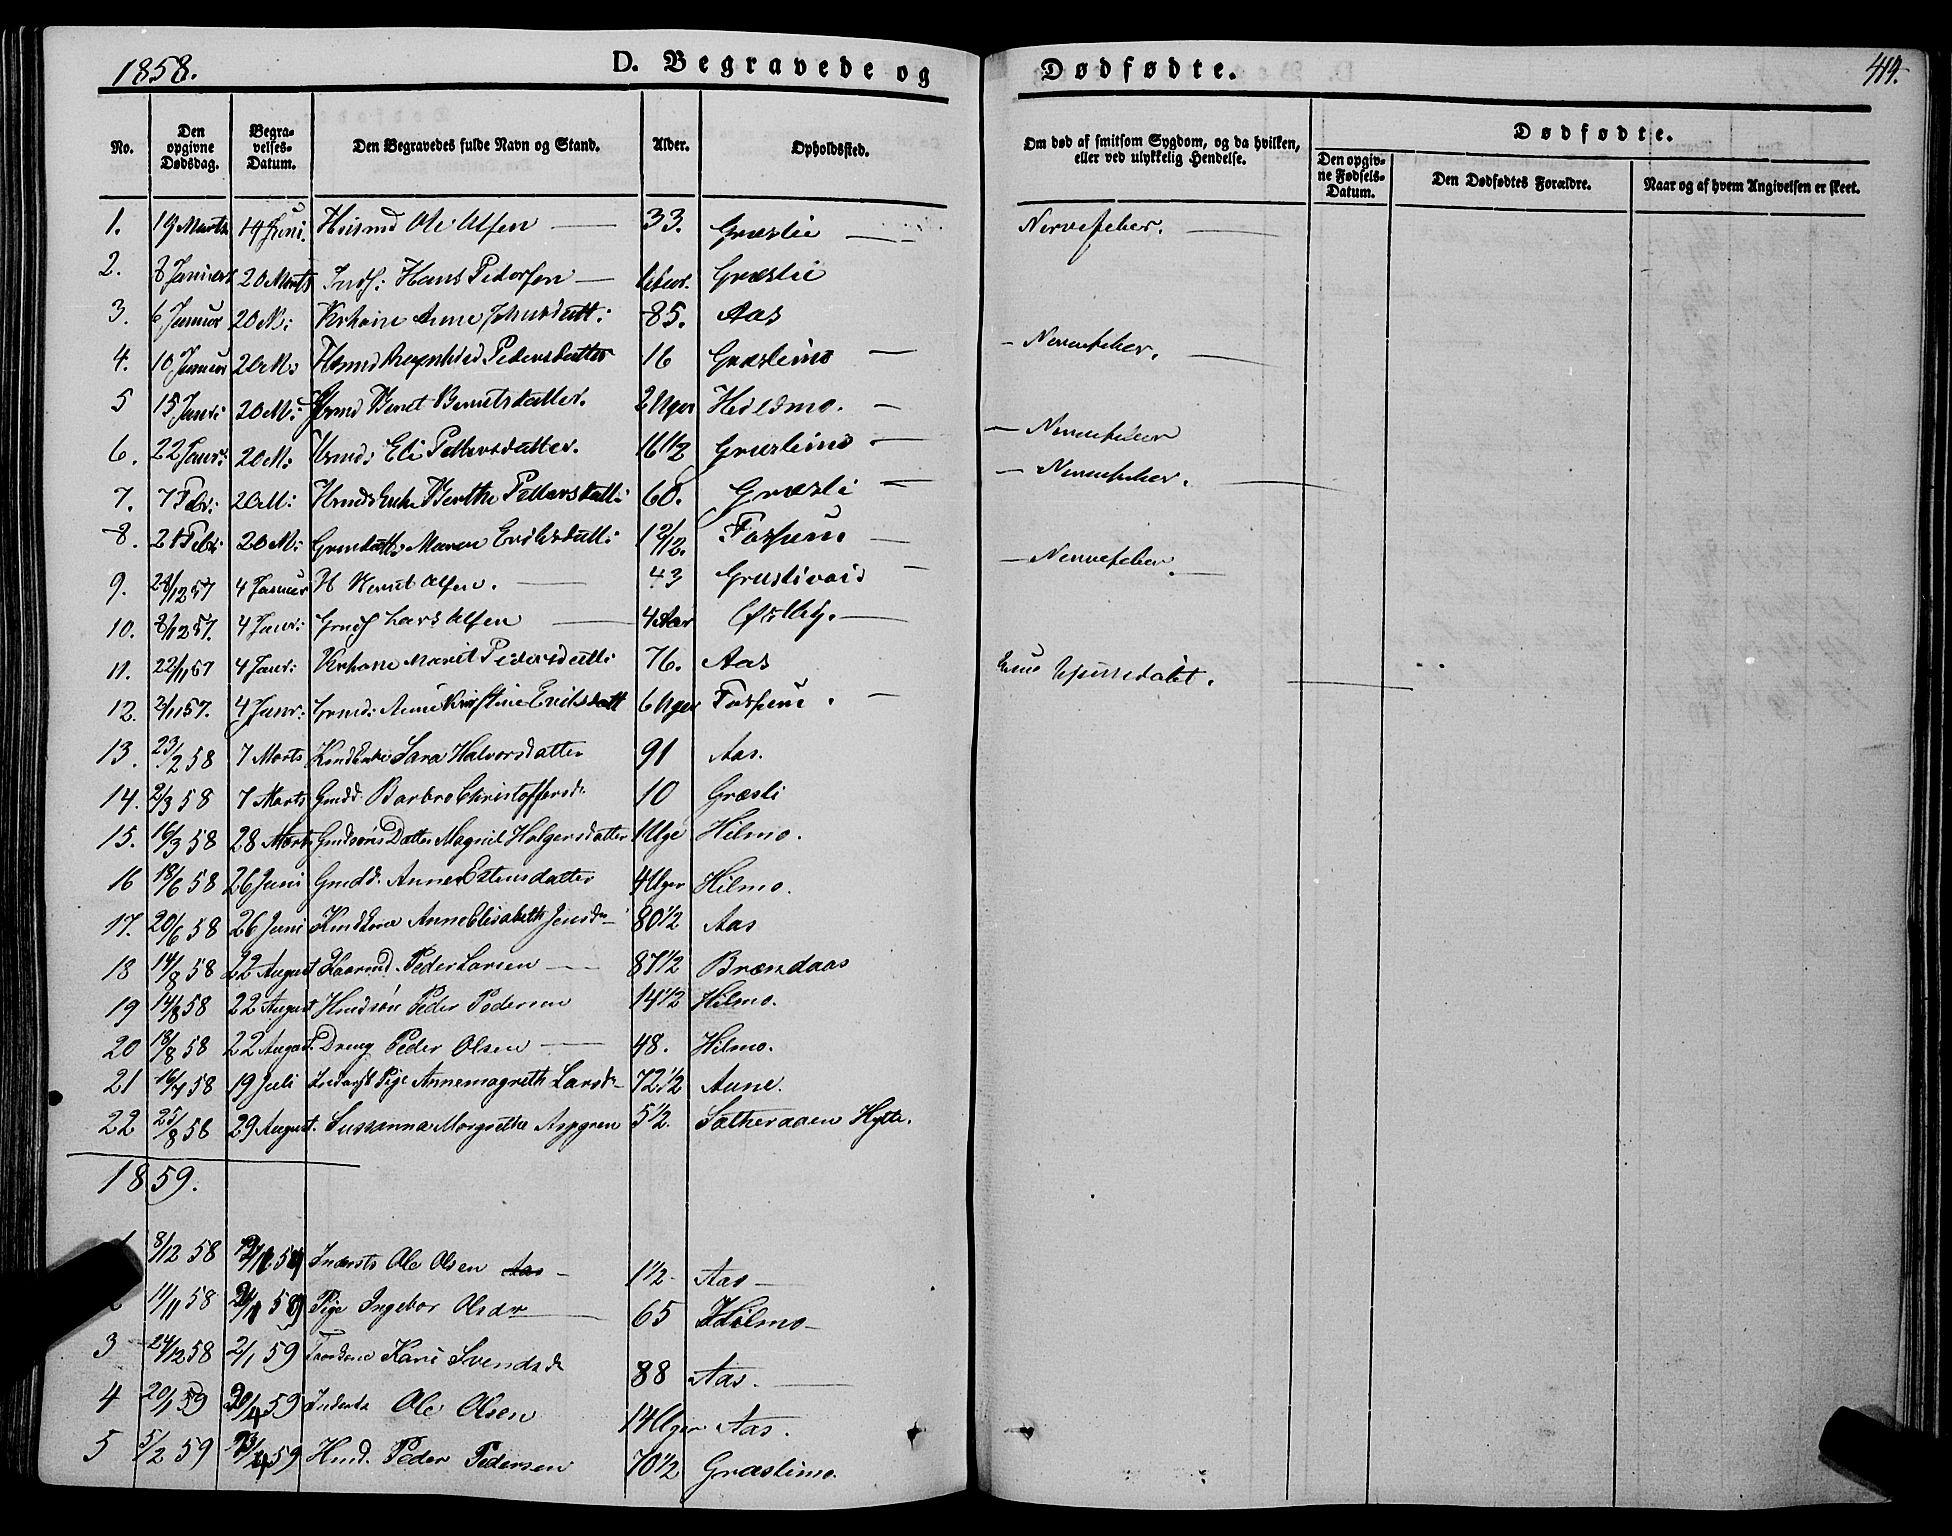 SAT, Ministerialprotokoller, klokkerbøker og fødselsregistre - Sør-Trøndelag, 695/L1146: Ministerialbok nr. 695A06 /2, 1843-1859, s. 414